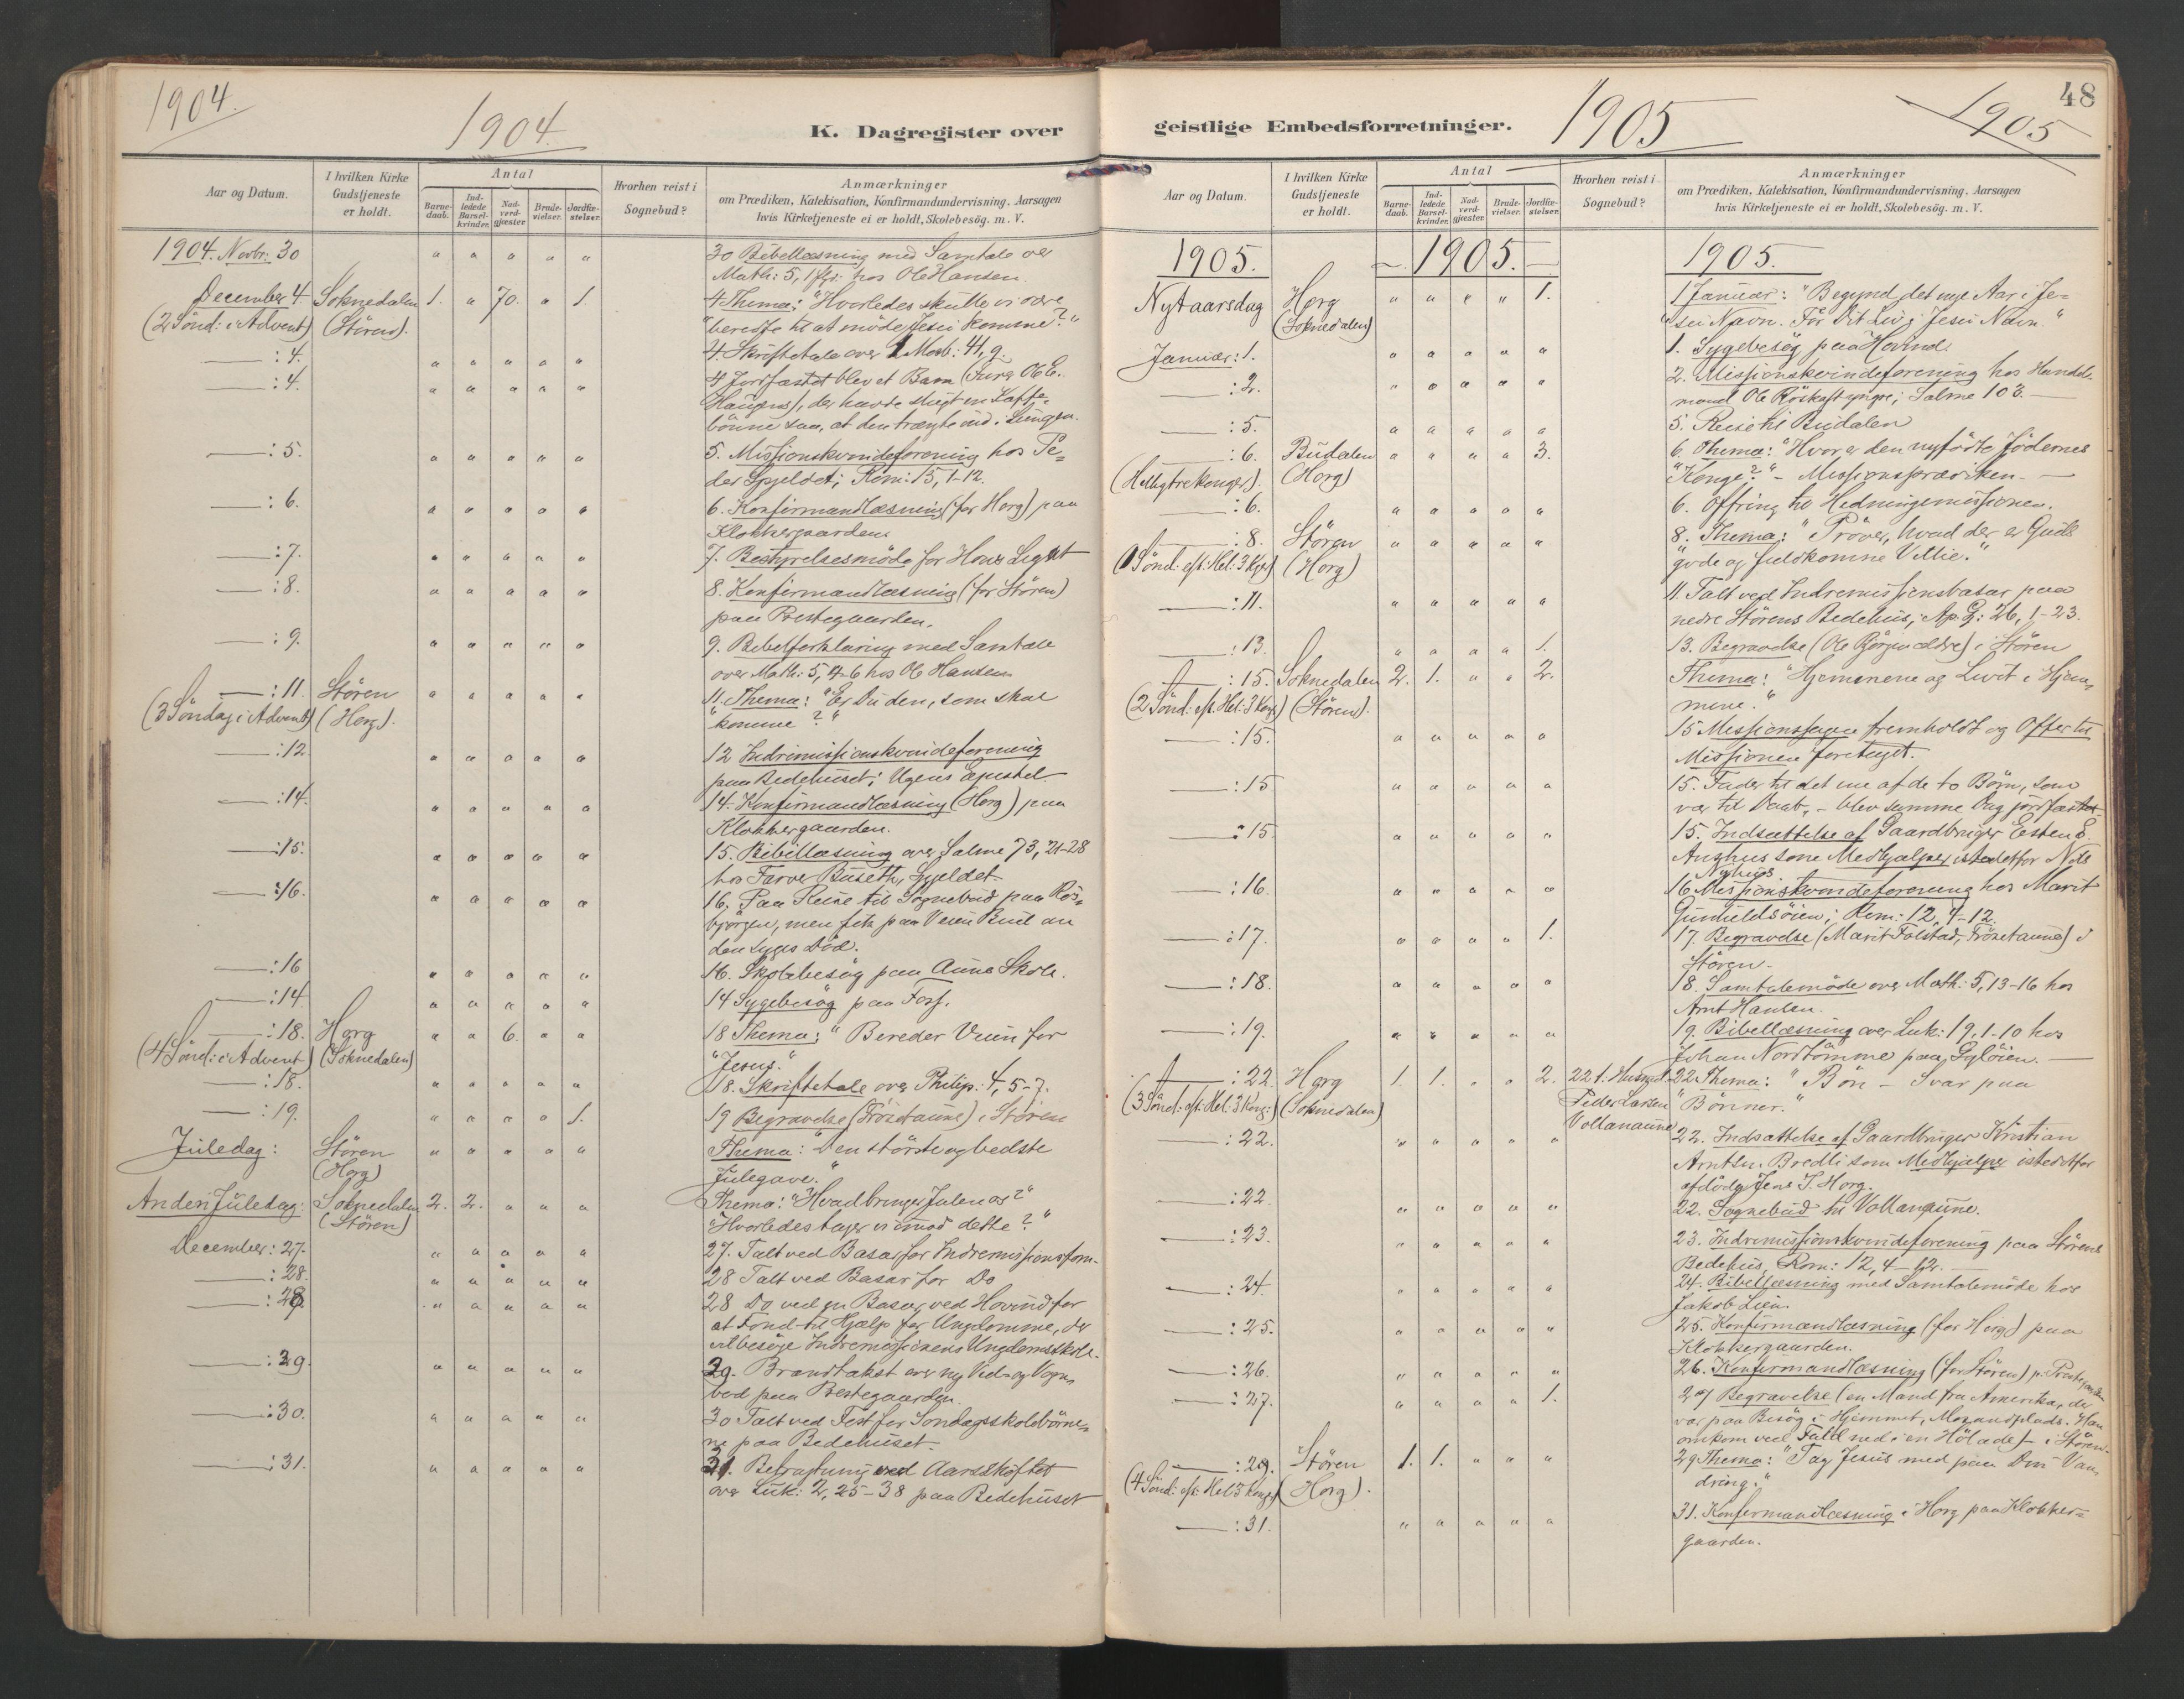 SAT, Ministerialprotokoller, klokkerbøker og fødselsregistre - Sør-Trøndelag, 687/L1005: Dagregister nr. 687A11, 1891-1912, s. 48